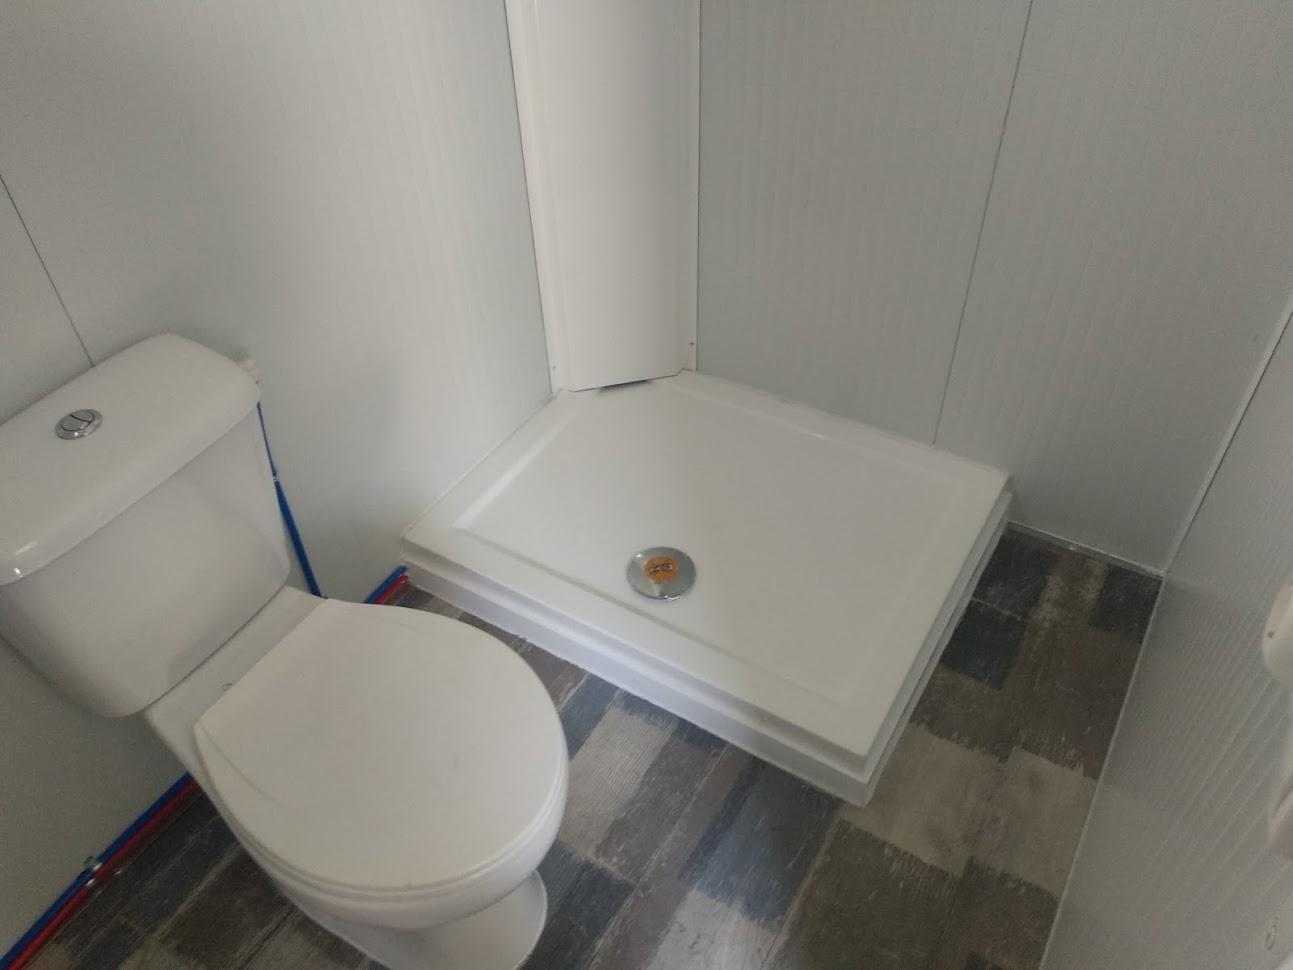 venta de baños prefabricados en zaragoza